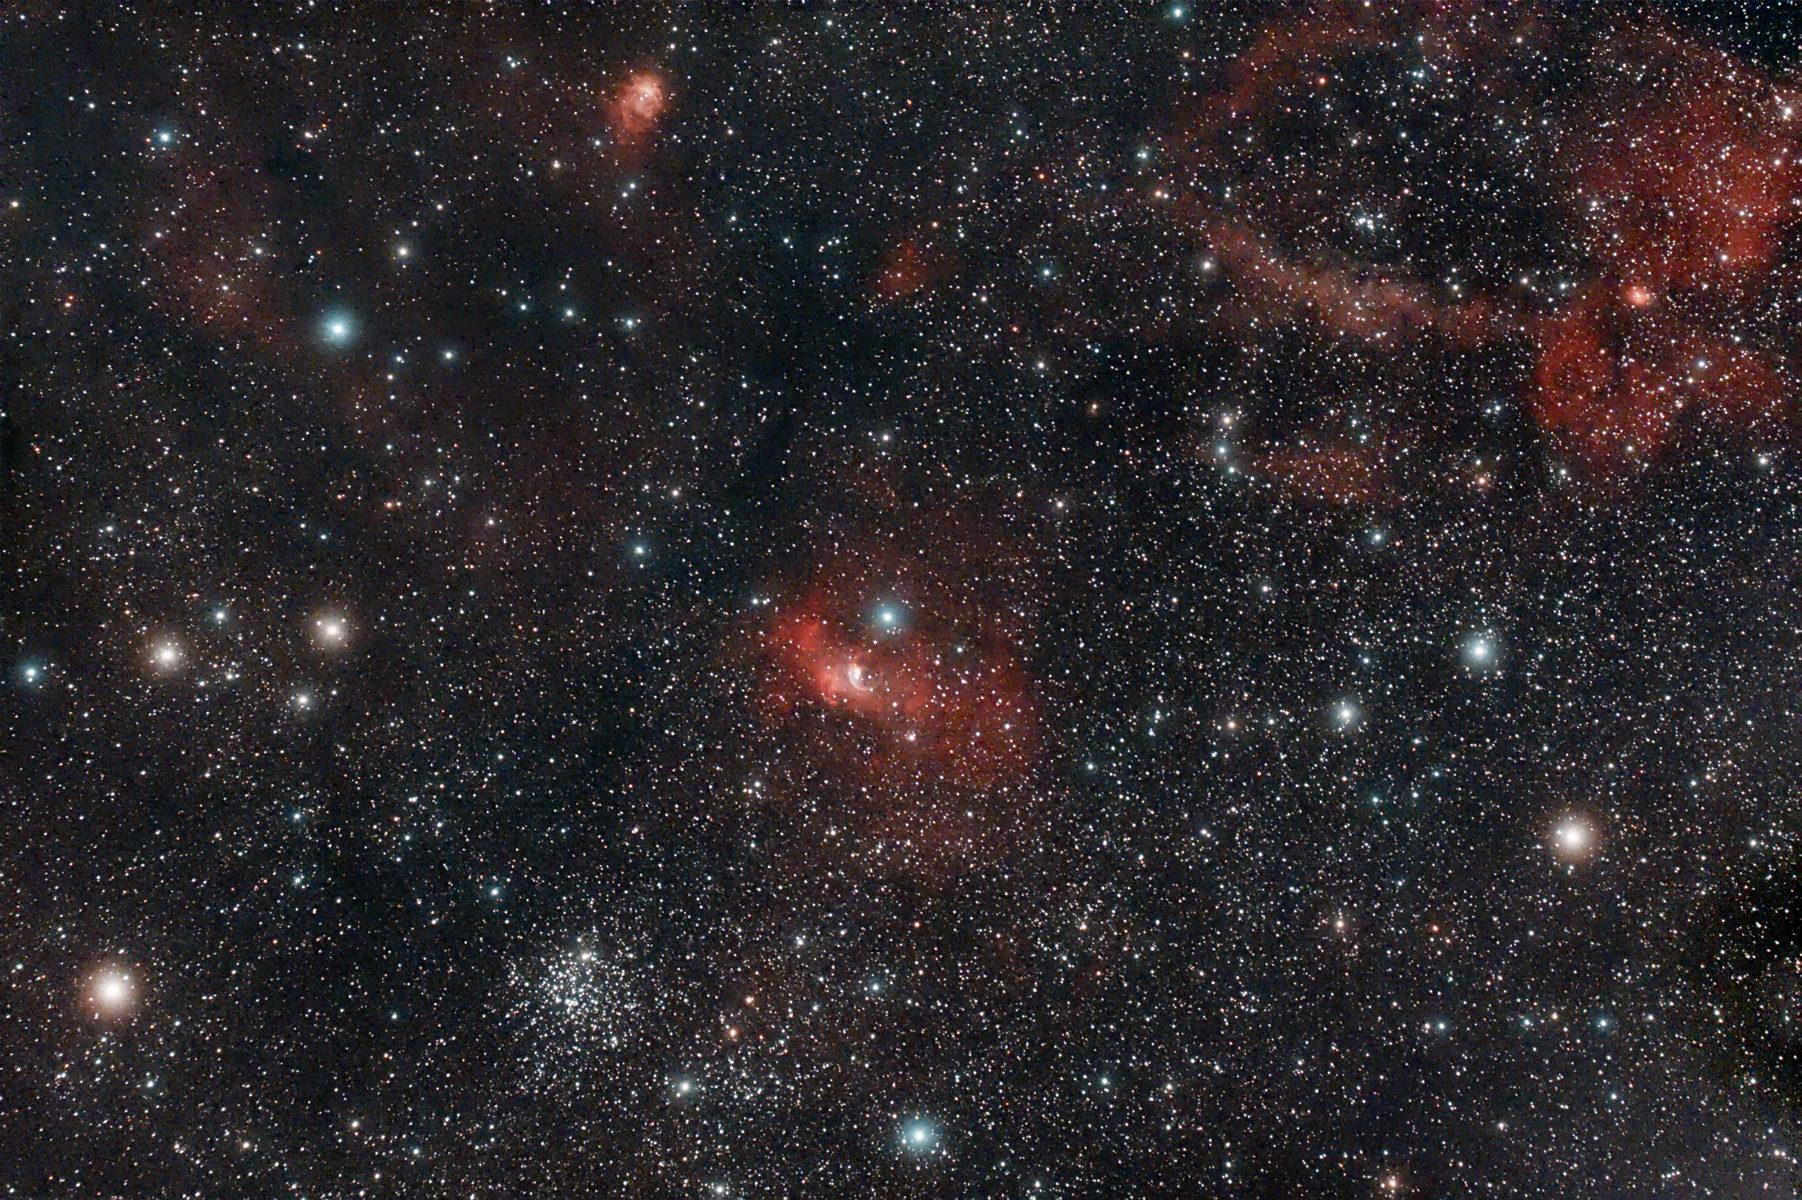 <p>Campo stellare tra Cassiopea e il Cefeo sono comprese la nebulosa NGC 7538 e l'ammasso stellare M 52.</p>